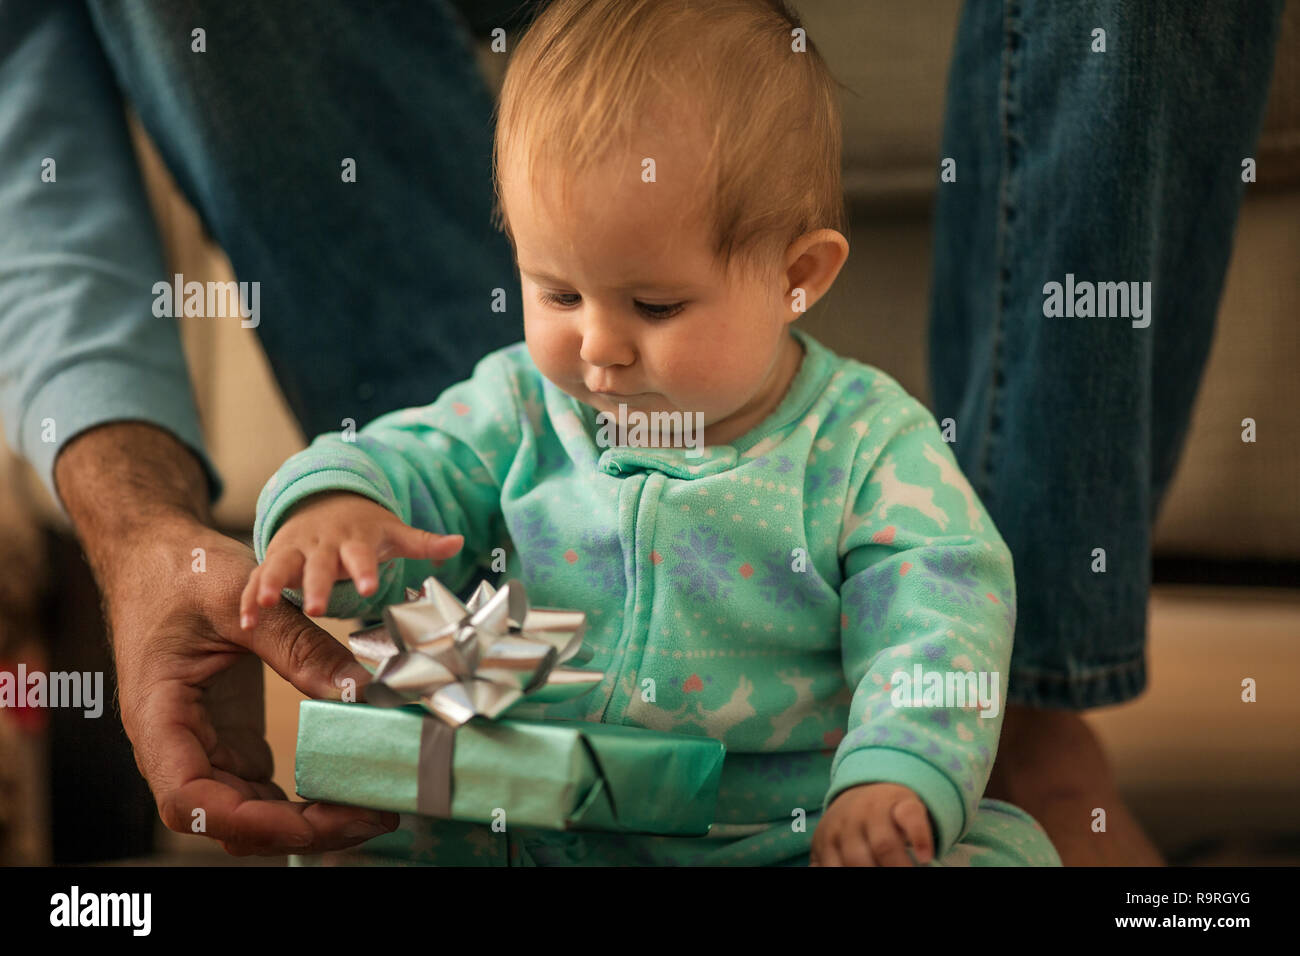 Baby girl apertura di un presente da suo padre. Immagini Stock